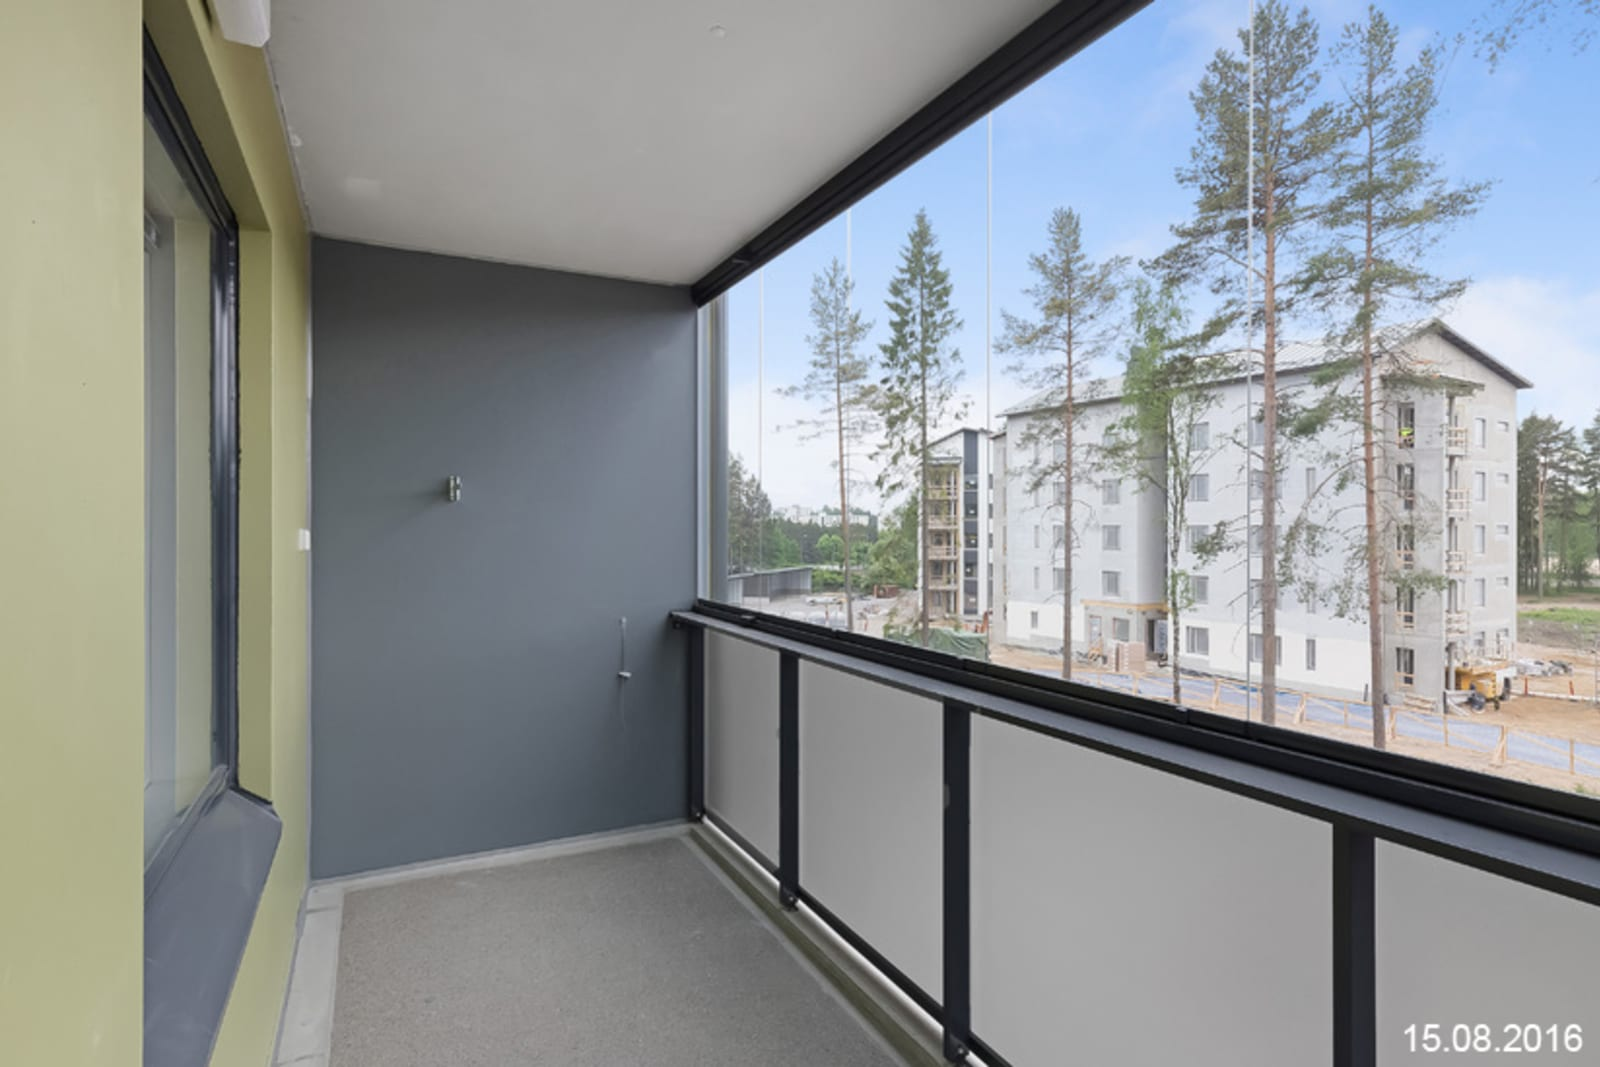 Vantaa, Rajakylä, Sompakuja 2-4 B 031